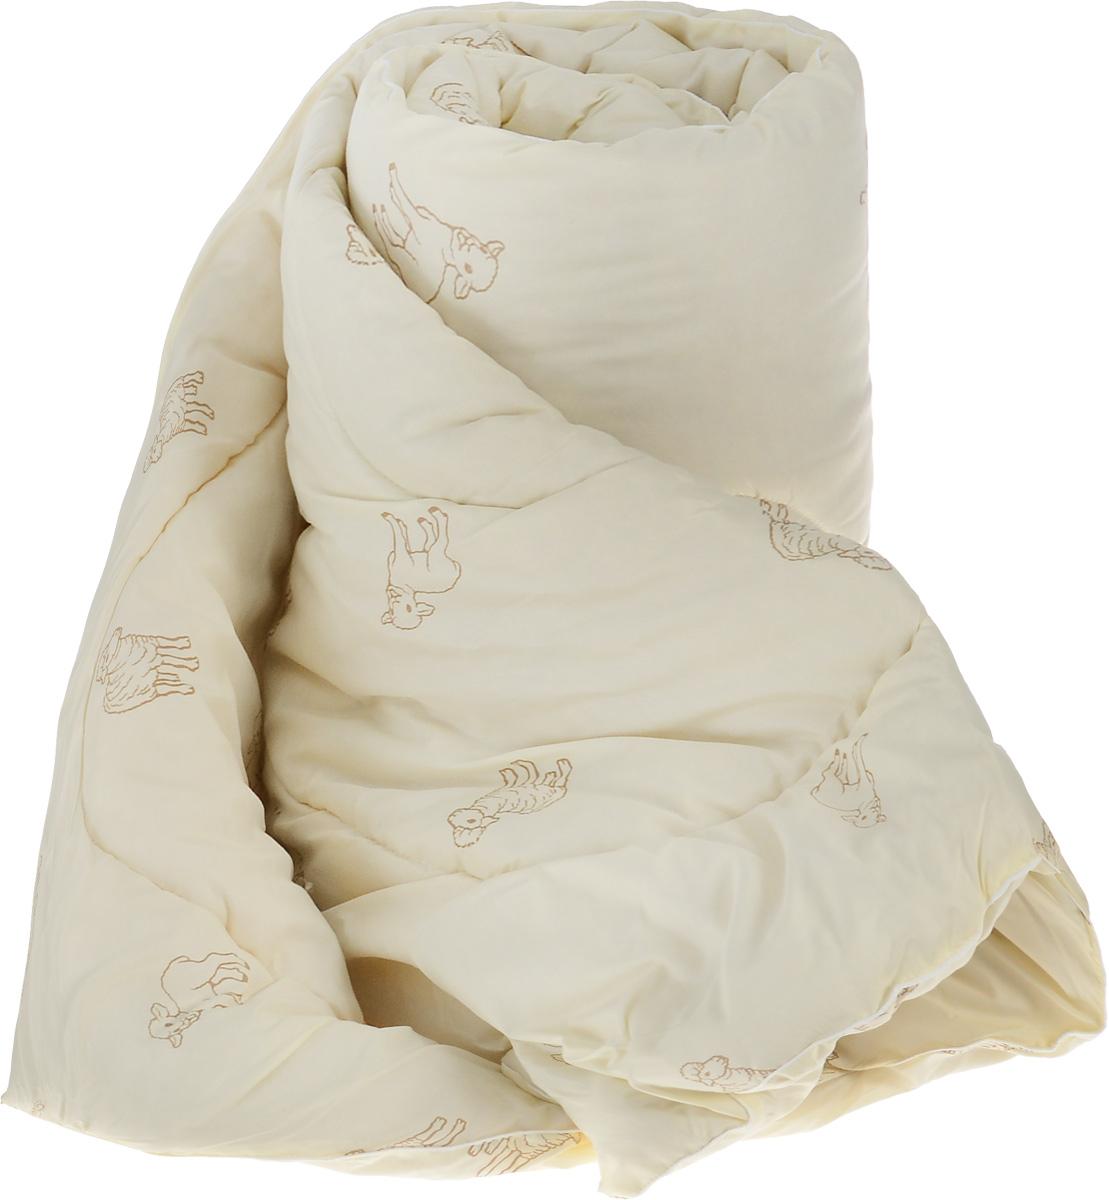 Одеяло теплое Легкие сны Золотое руно, наполнитель: овечья шерсть, 172 x 205 см172(32)05-ОШПТеплое стеганое одеяло Легкие сны Золотое руно с наполнителем из овечьей шерсти расслабит, снимет усталость и подарит вам спокойный и здоровый сон. Шерстяные волокна, получаемые из овечьей шерсти, имеют полую структуру, придающую изделиям высокую износоустойчивость. Чехол одеяла, выполненный из смесовой ткани отлично пропускает воздух, создавая эффект сухого тепла. Одеяло простегано. Стежка надежно удерживает наполнитель внутри и не позволяет ему скатываться. Рекомендации по уходу: Отбеливание, стирка, барабанная сушка и глажка запрещены. Разрешается химчистка. Уважаемые клиенты! Обращаем ваше внимание на цветовой ассортимент товара. Поставка осуществляется в зависимости от наличия на складе.